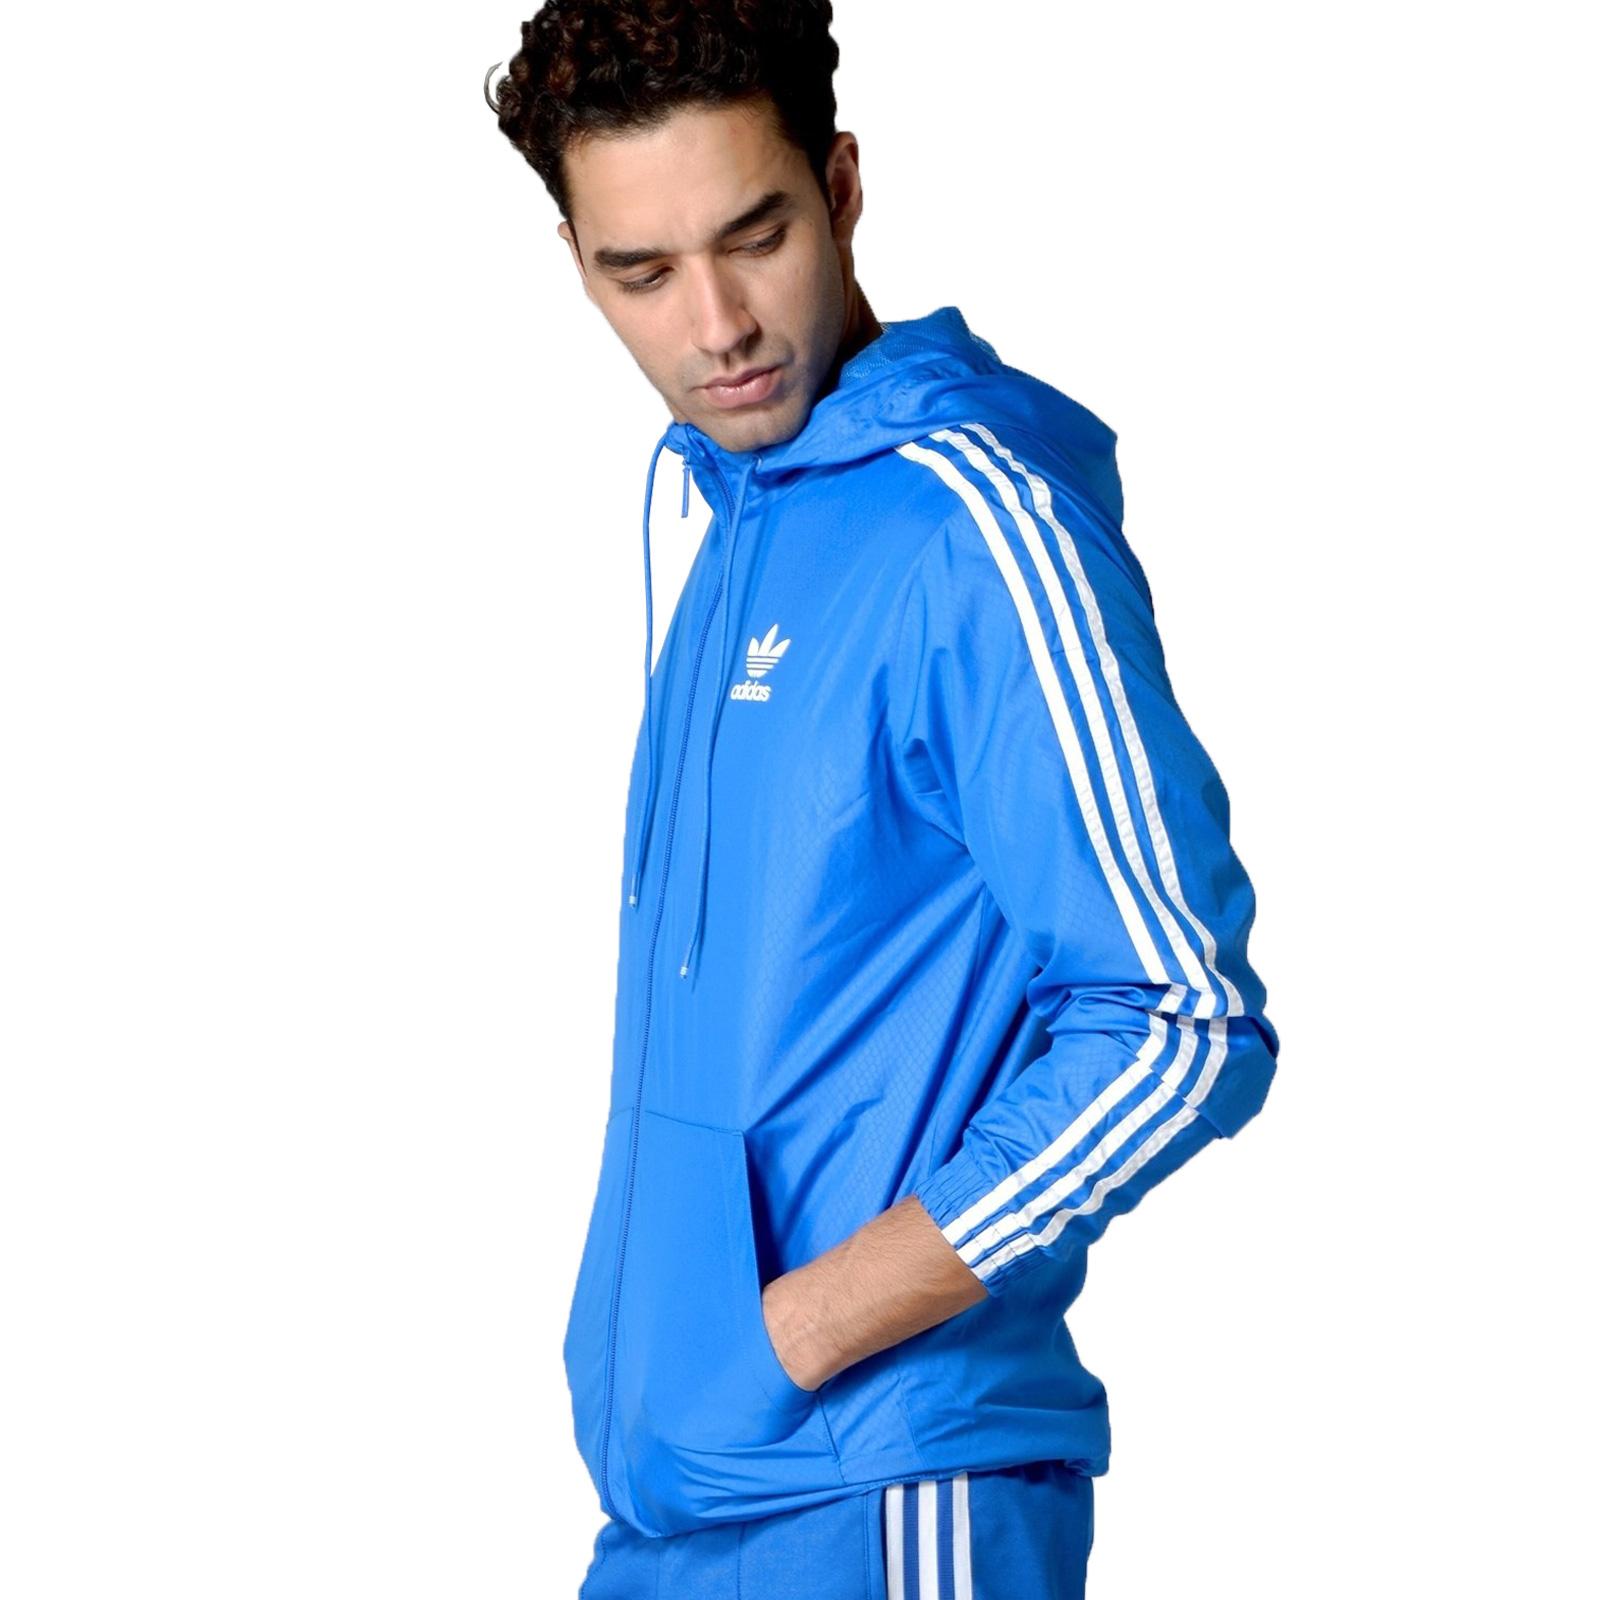 Details about Adidas Originals Men's Jacket Itasca Windbreaker Snake Track Top Blue